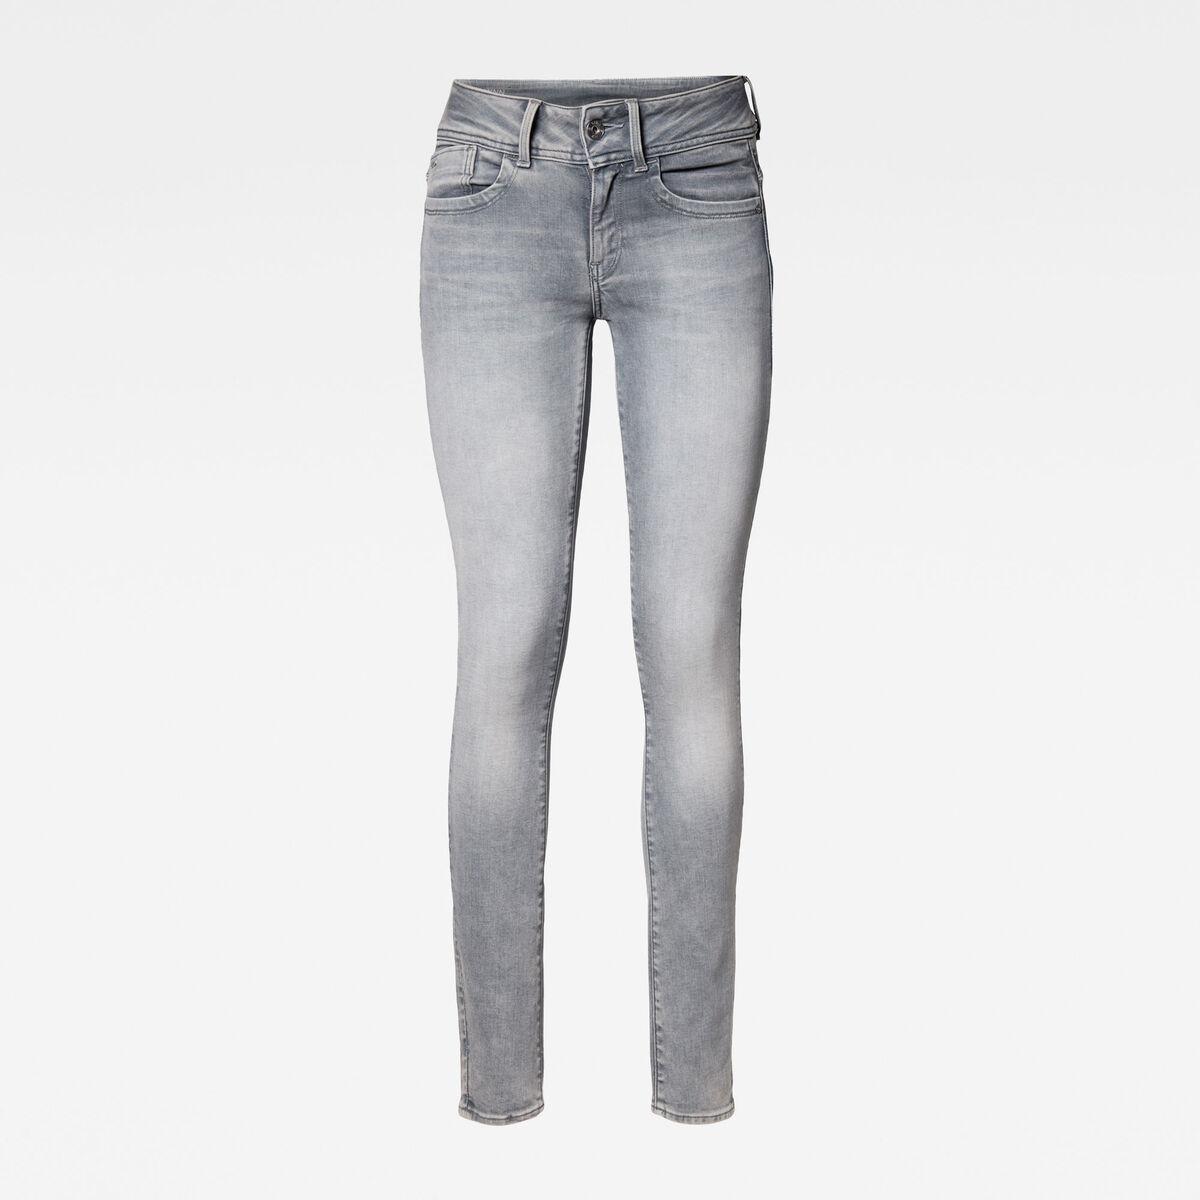 Bild 4 von Lynn Mid Waist Skinny Jeans